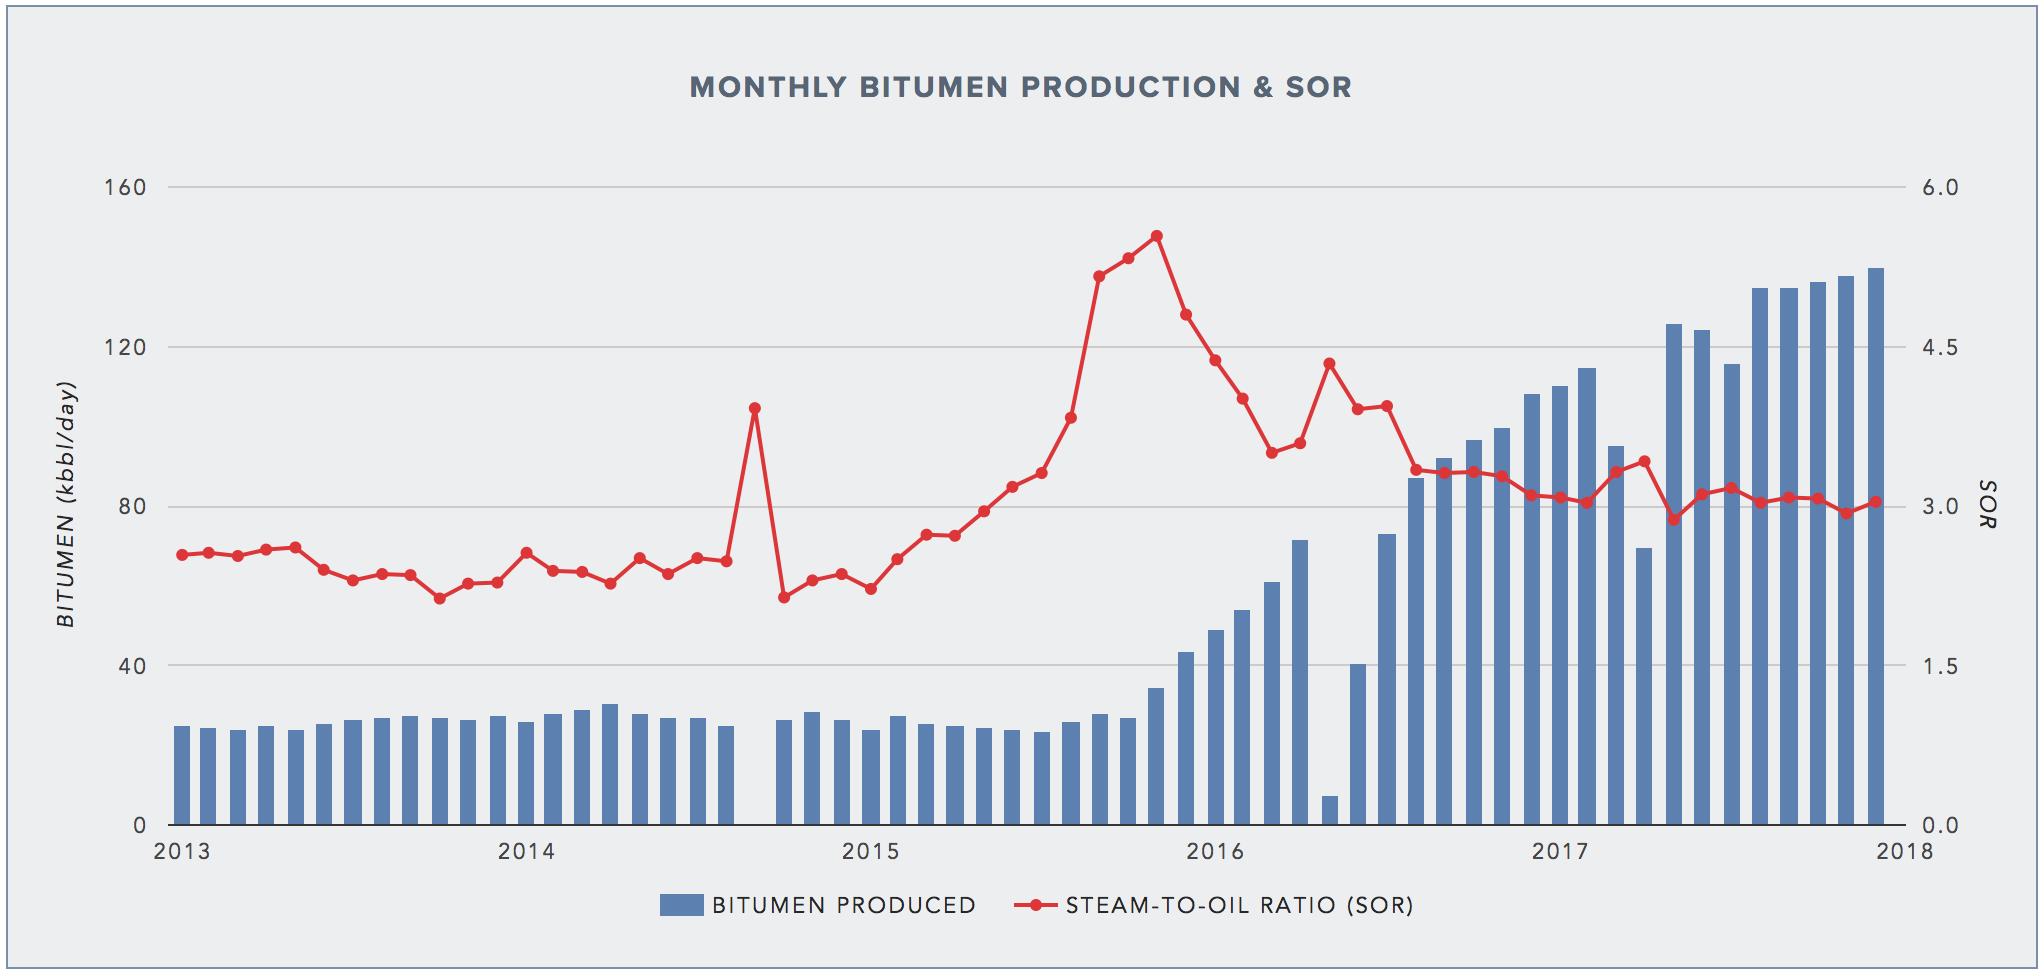 BITUMEN PRODUCTION PROFILE & STEAM-TO-OIL RATIO (SOR) AT SURMONT